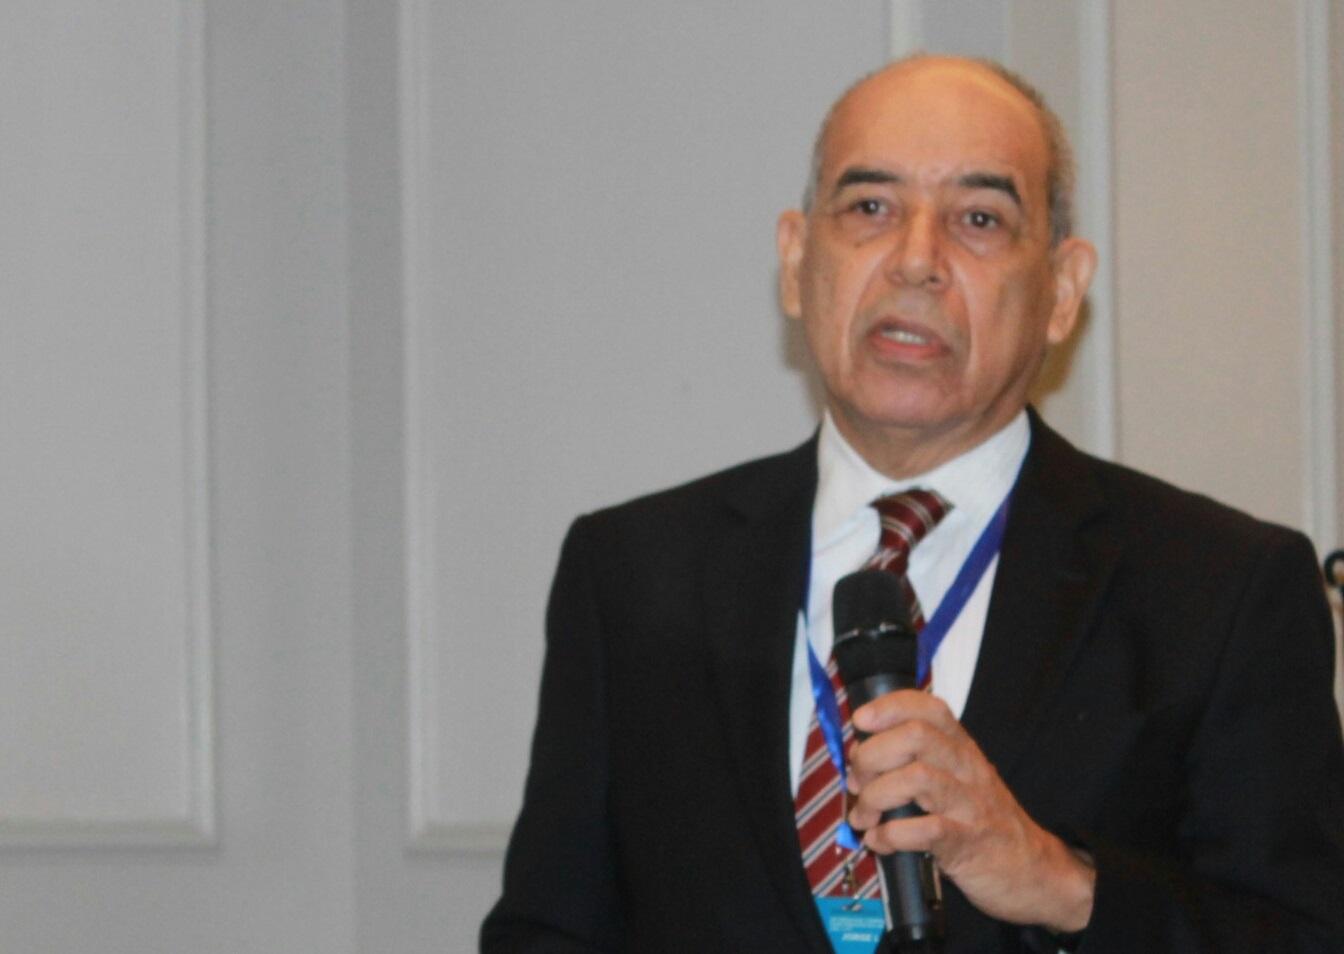 Jorge López, gerente general de Ultrared explicó la importancia de establecer un balance entre brindar a los clientes seguridad y reducir falsos positivos